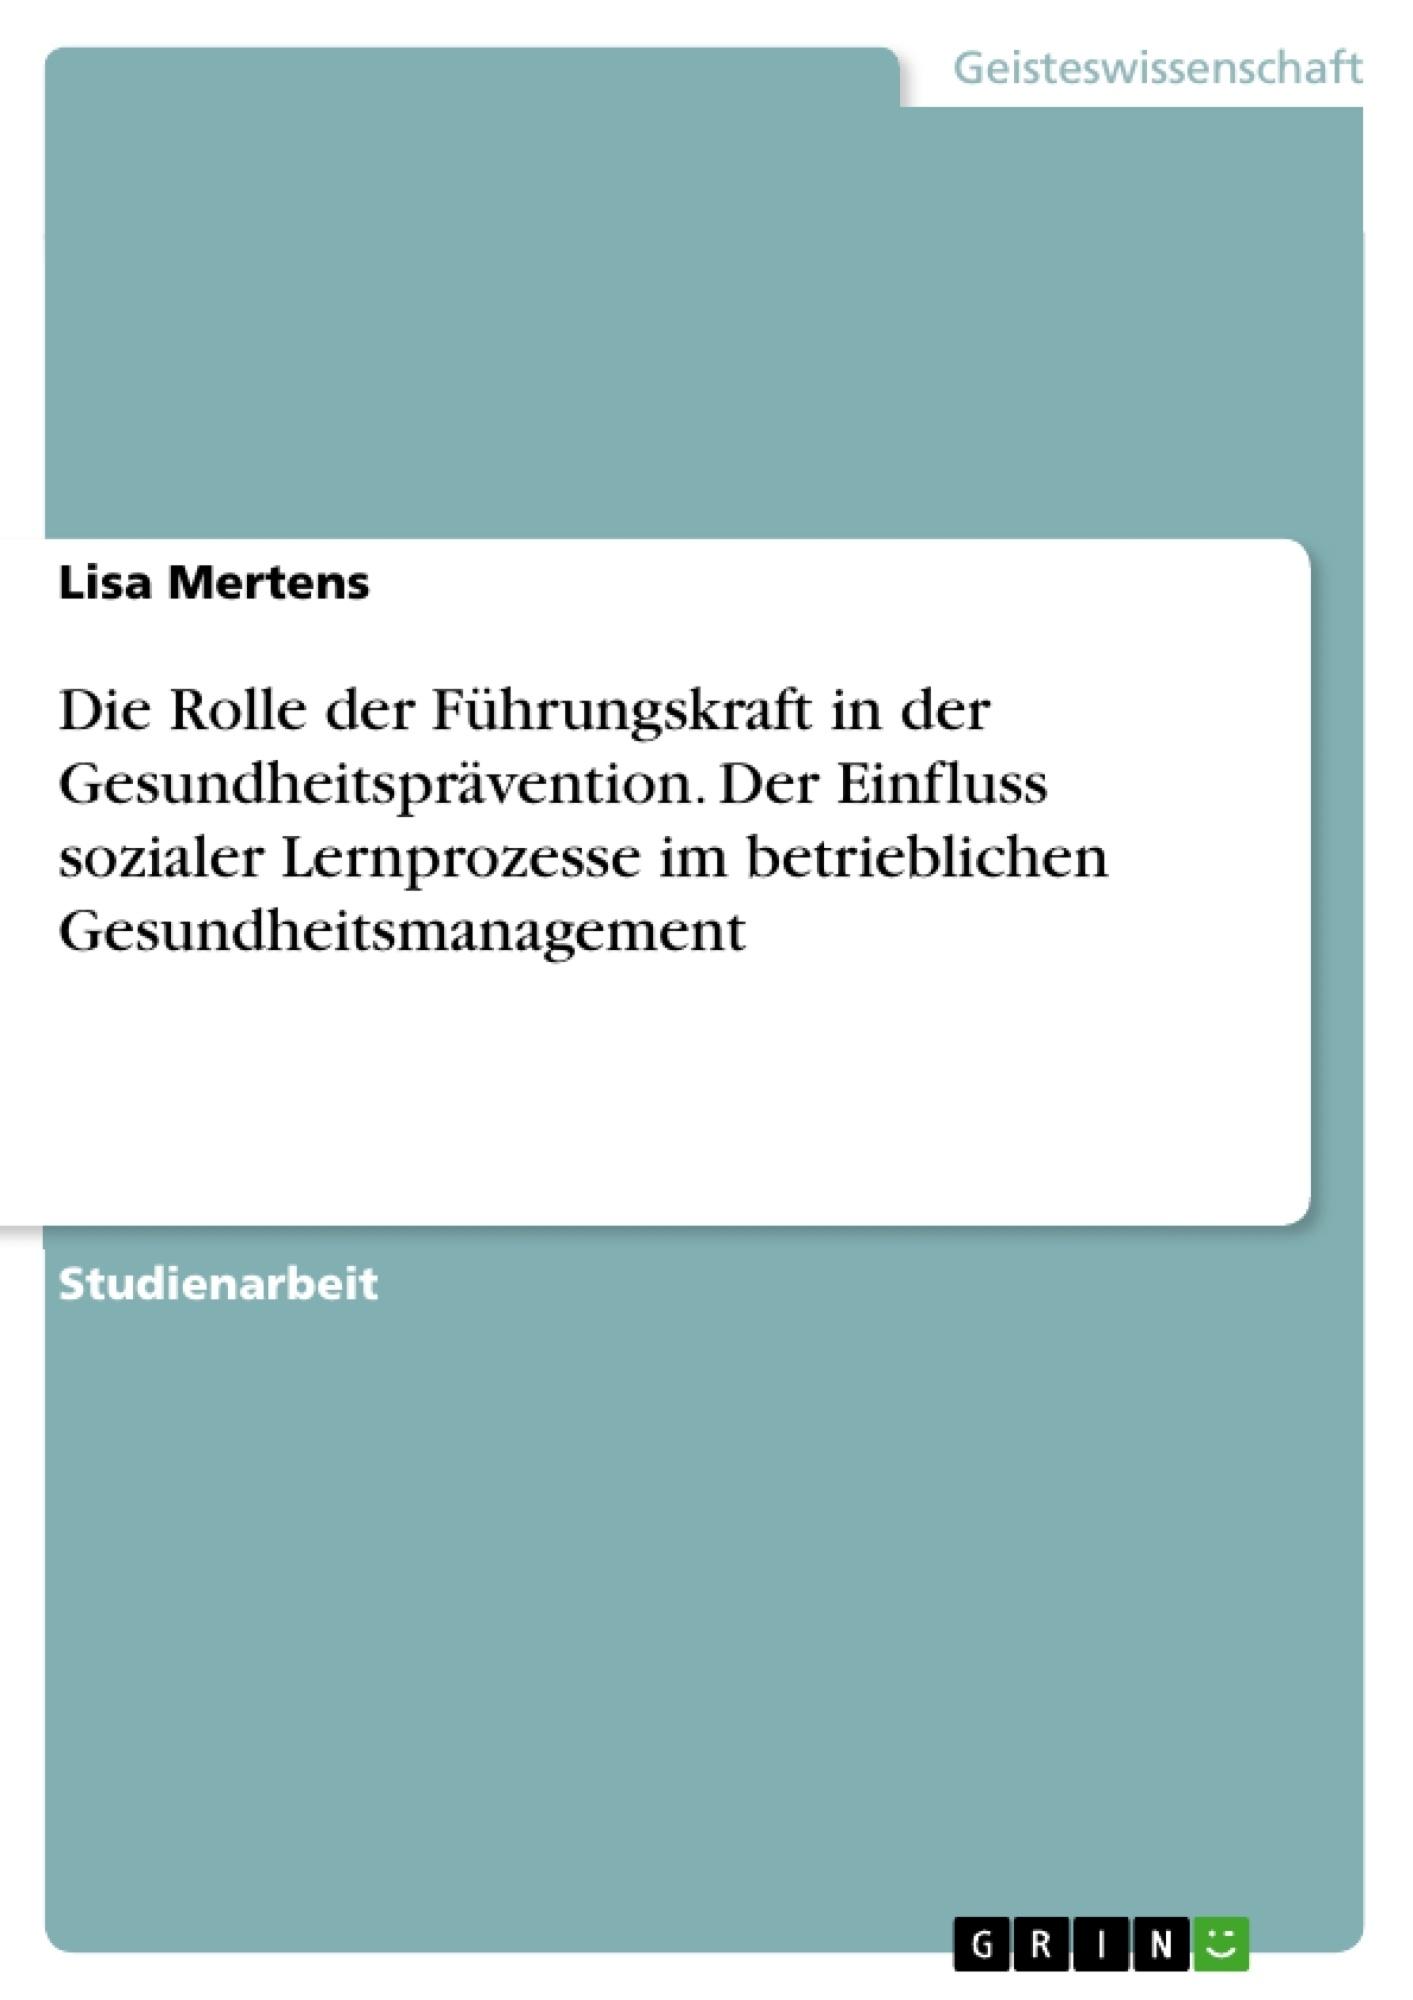 Titel: Die Rolle der Führungskraft in der Gesundheitsprävention. Der Einfluss sozialer Lernprozesse im betrieblichen Gesundheitsmanagement